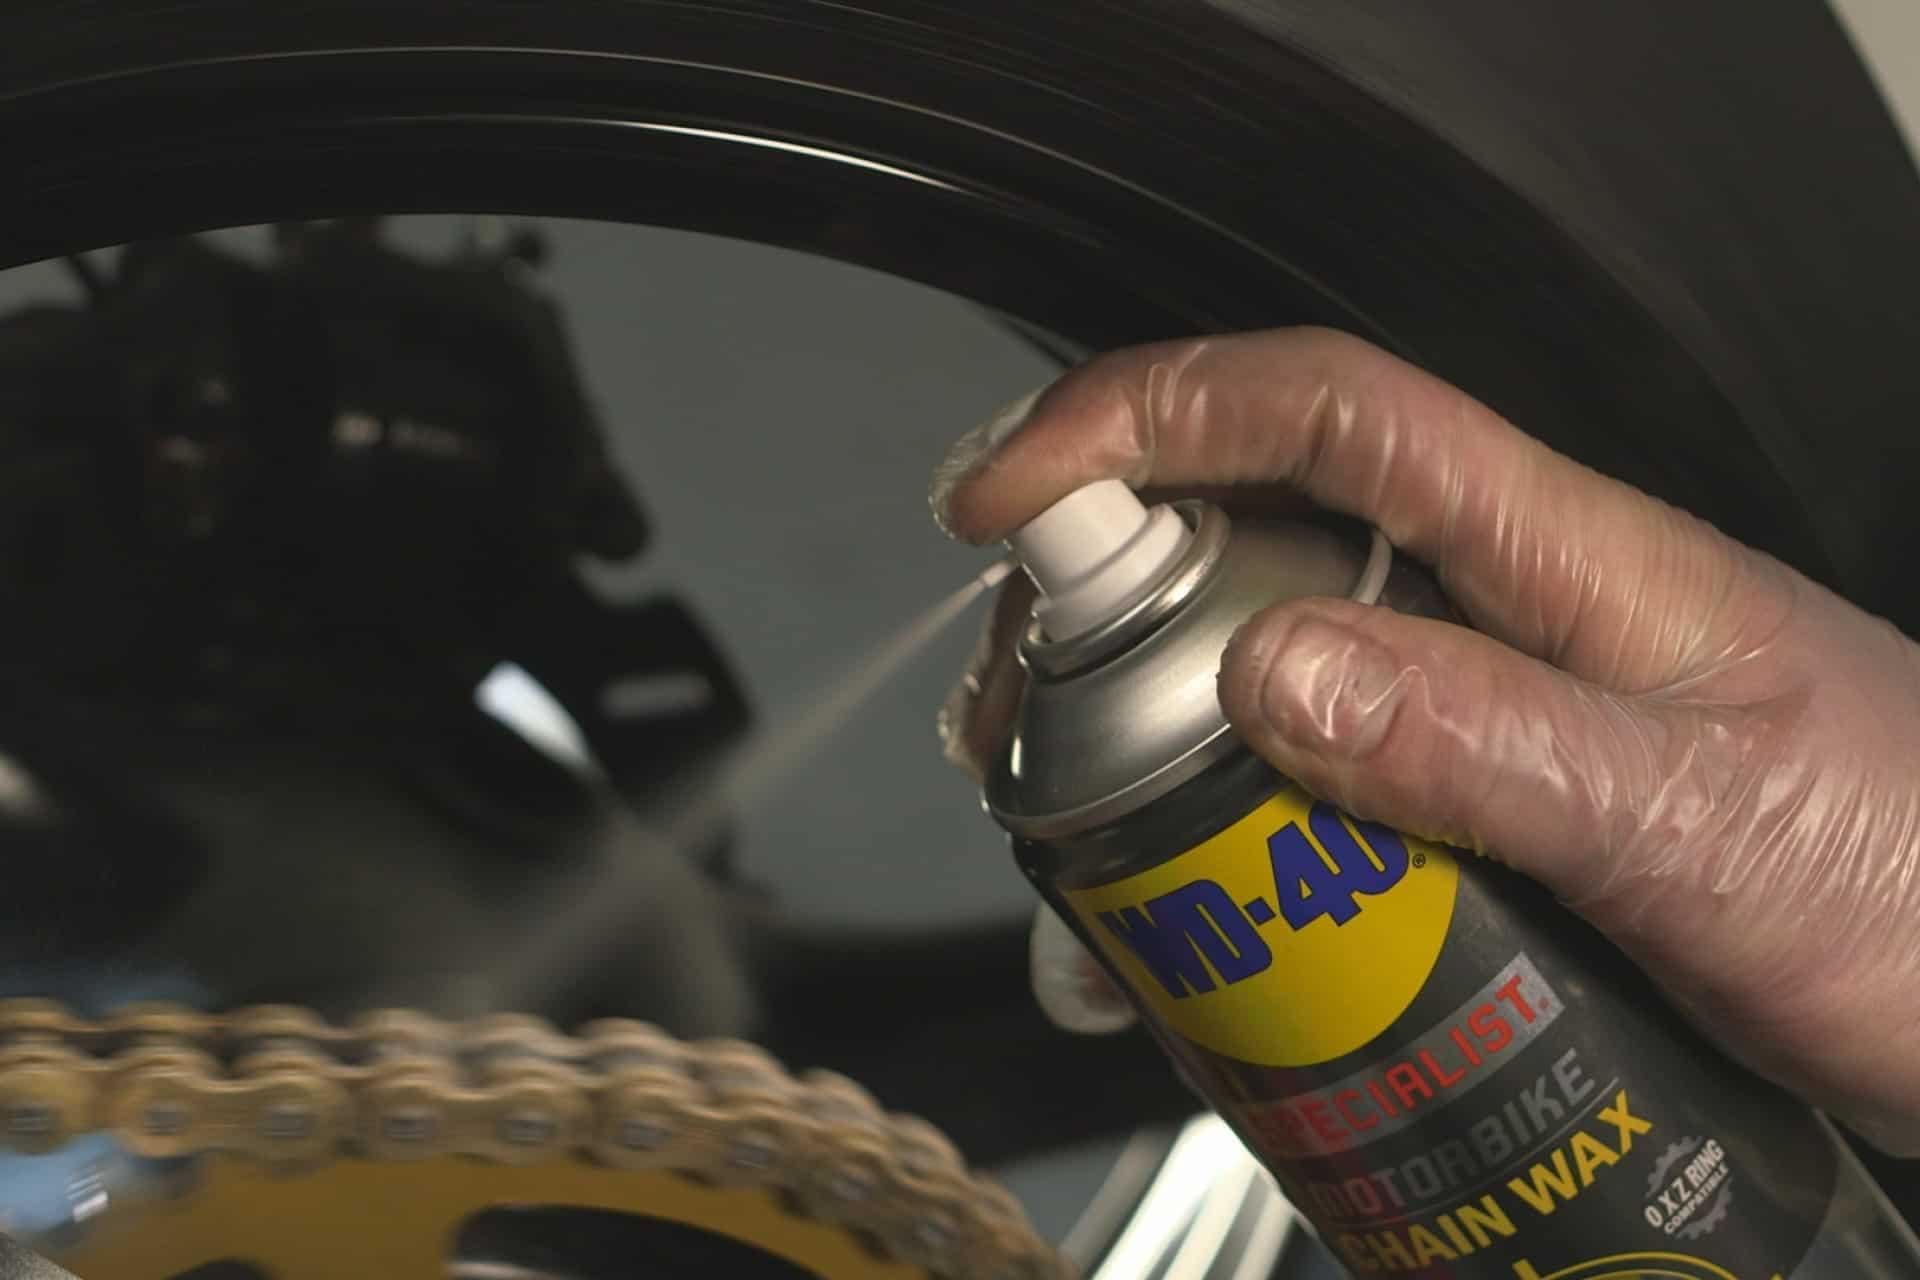 motorradkette schmieren - lubrification des chaînes de moto